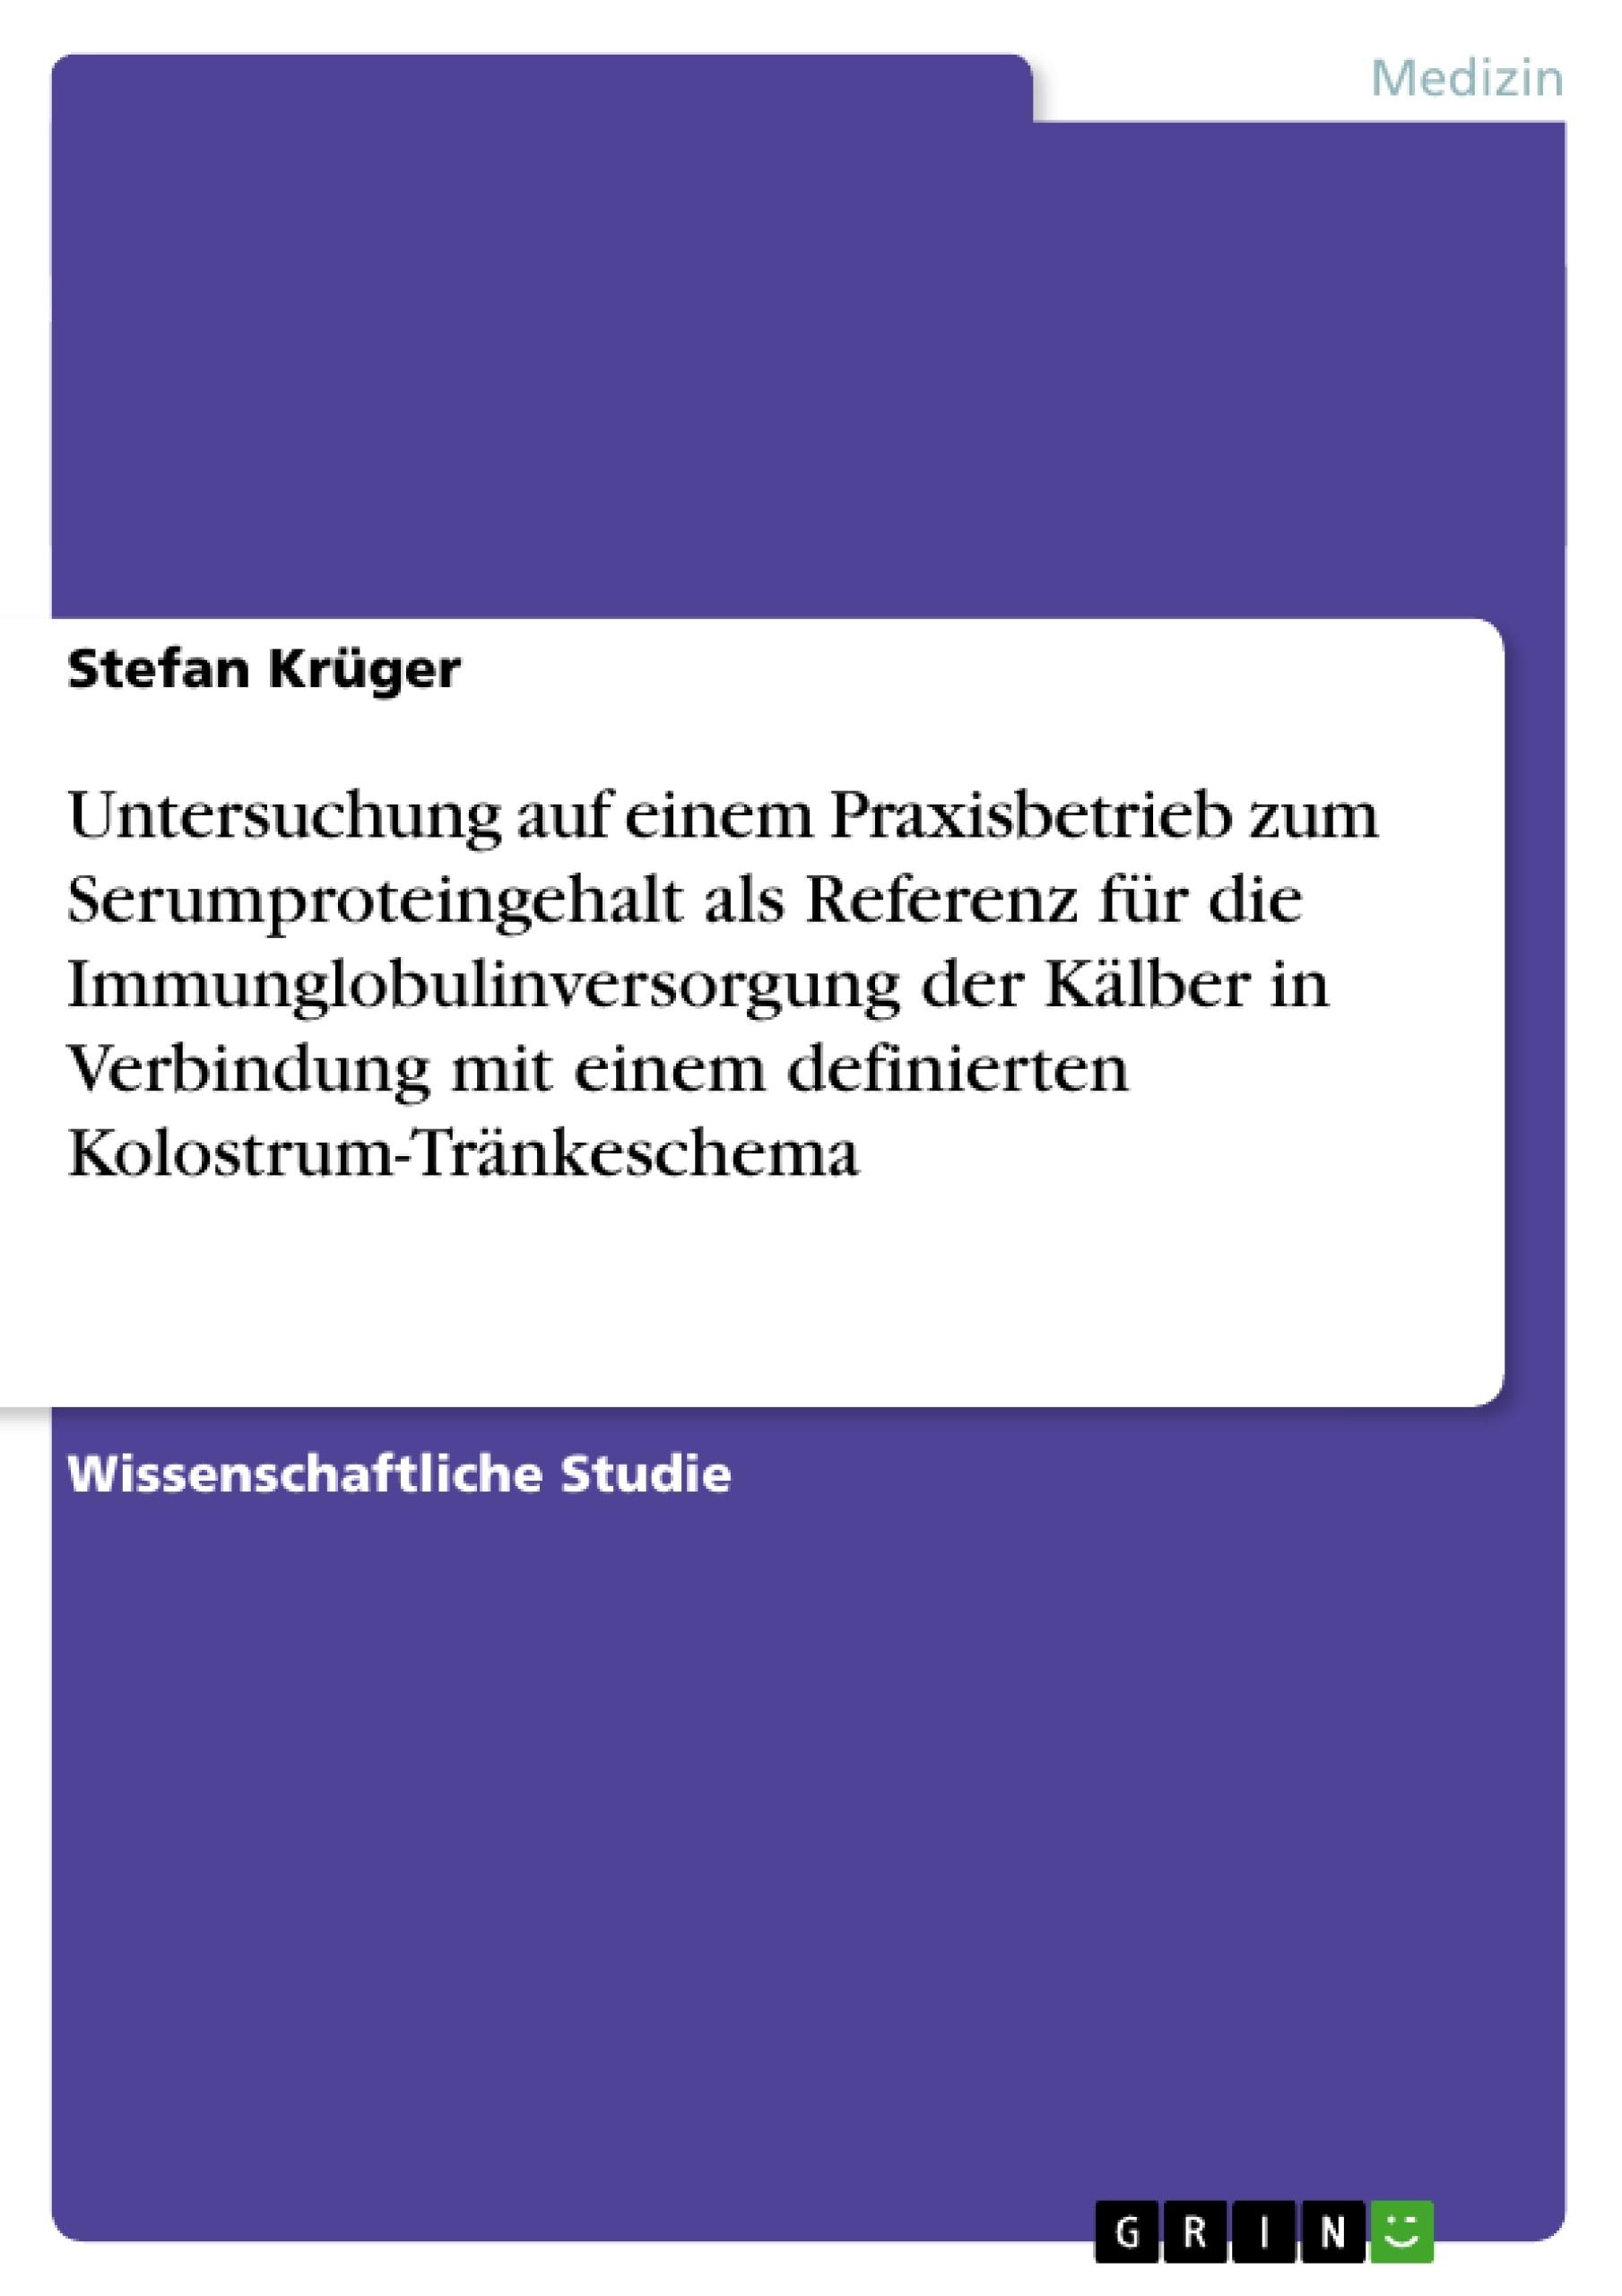 Titel: Untersuchung auf einem Praxisbetrieb zum Serumproteingehalt als Referenz für die Immunglobulinversorgung der Kälber in Verbindung mit einem definierten Kolostrum-Tränkeschema